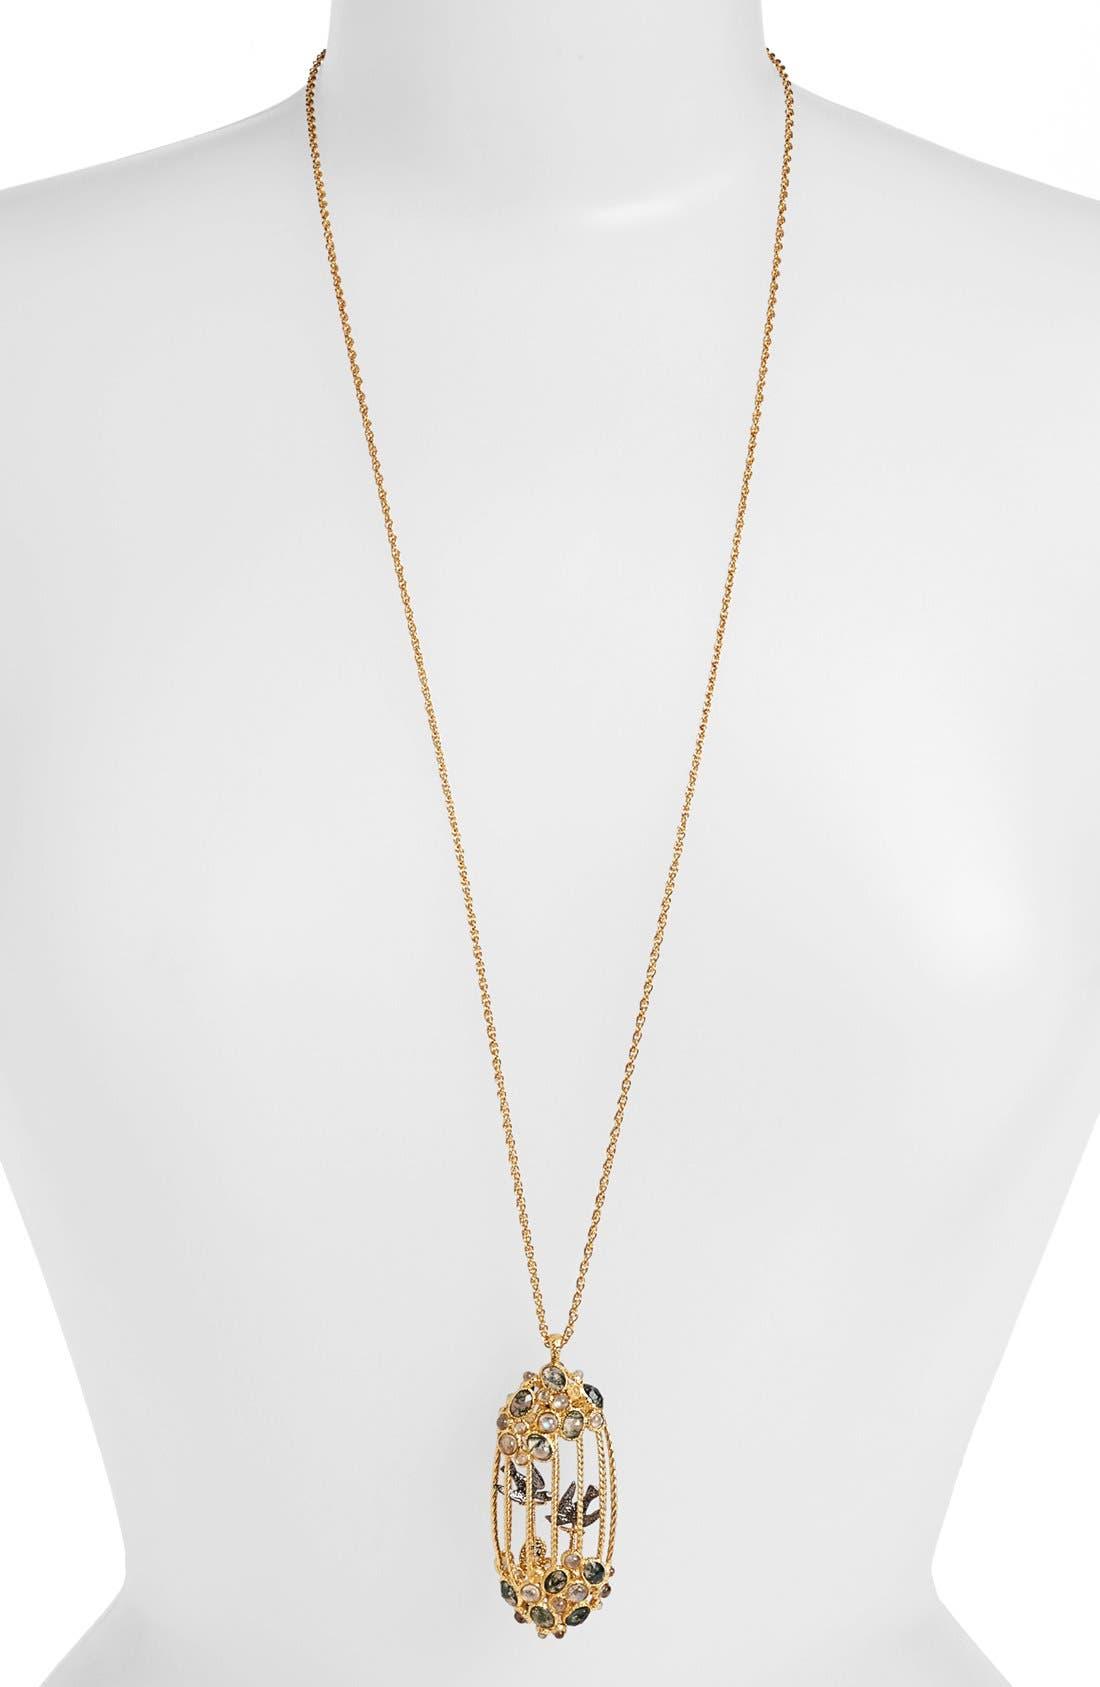 Alternate Image 1 Selected - Alexis Bittar 'Elements - Jardin de Papillon' Long Pendant Necklace